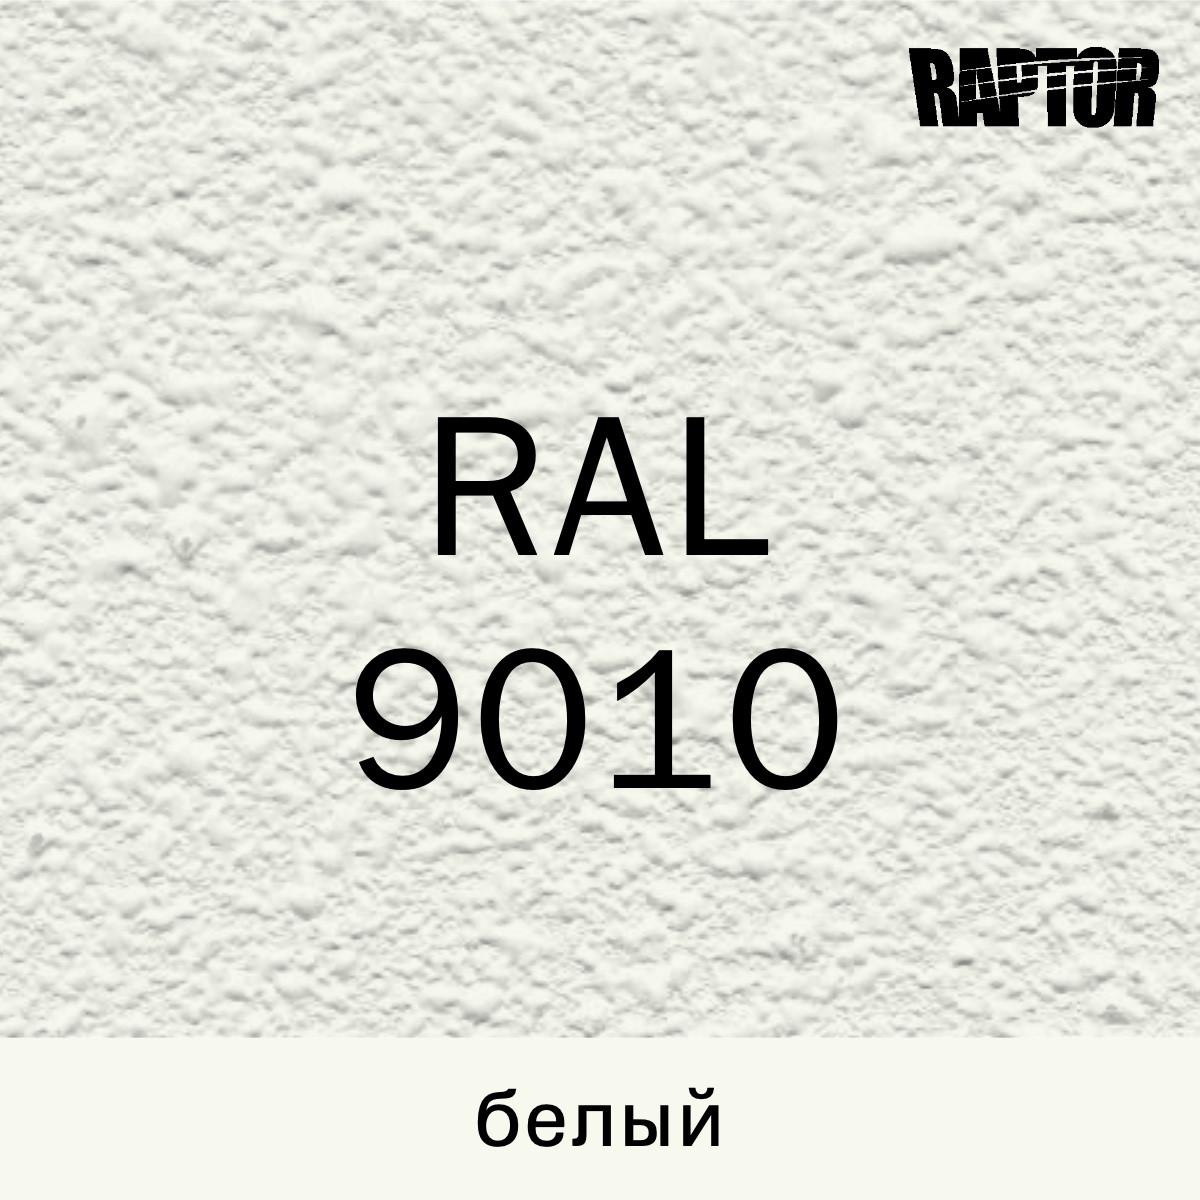 Пигмент для колеровки покрытия RAPTOR™ Белый (RAL 9010)